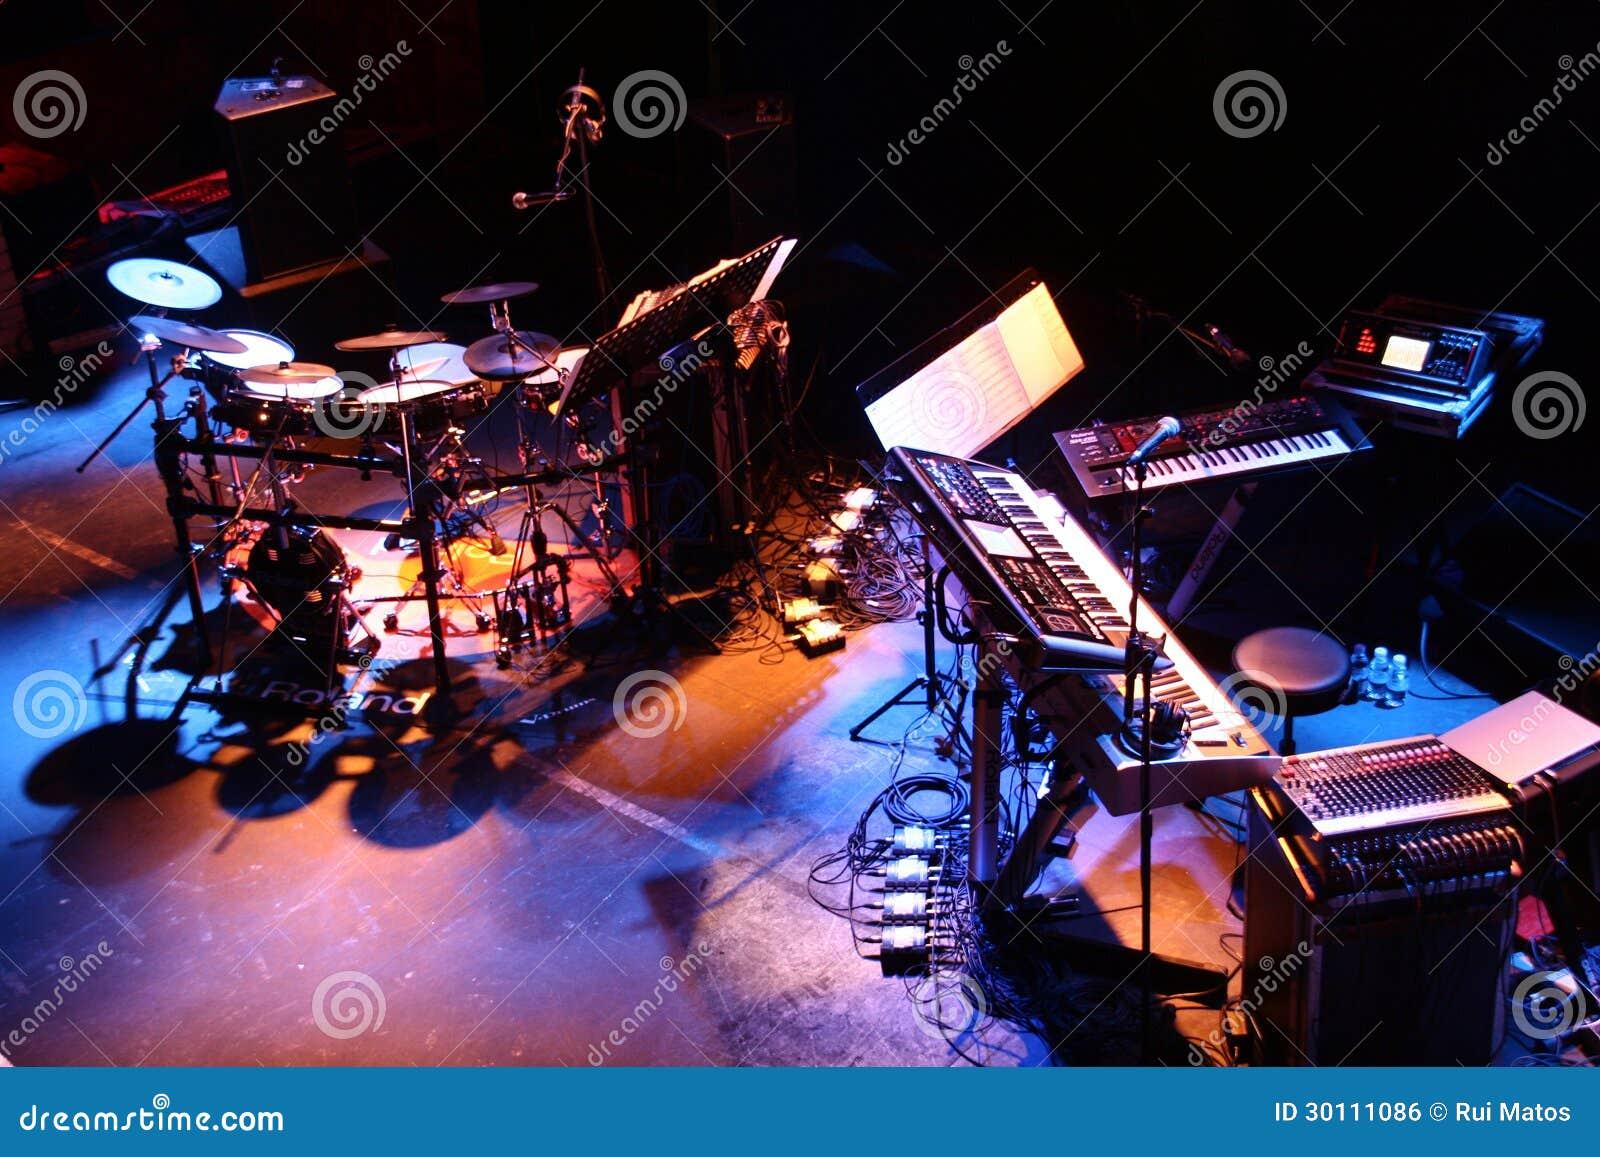 Musikinstrumentstadiumseinrichtung